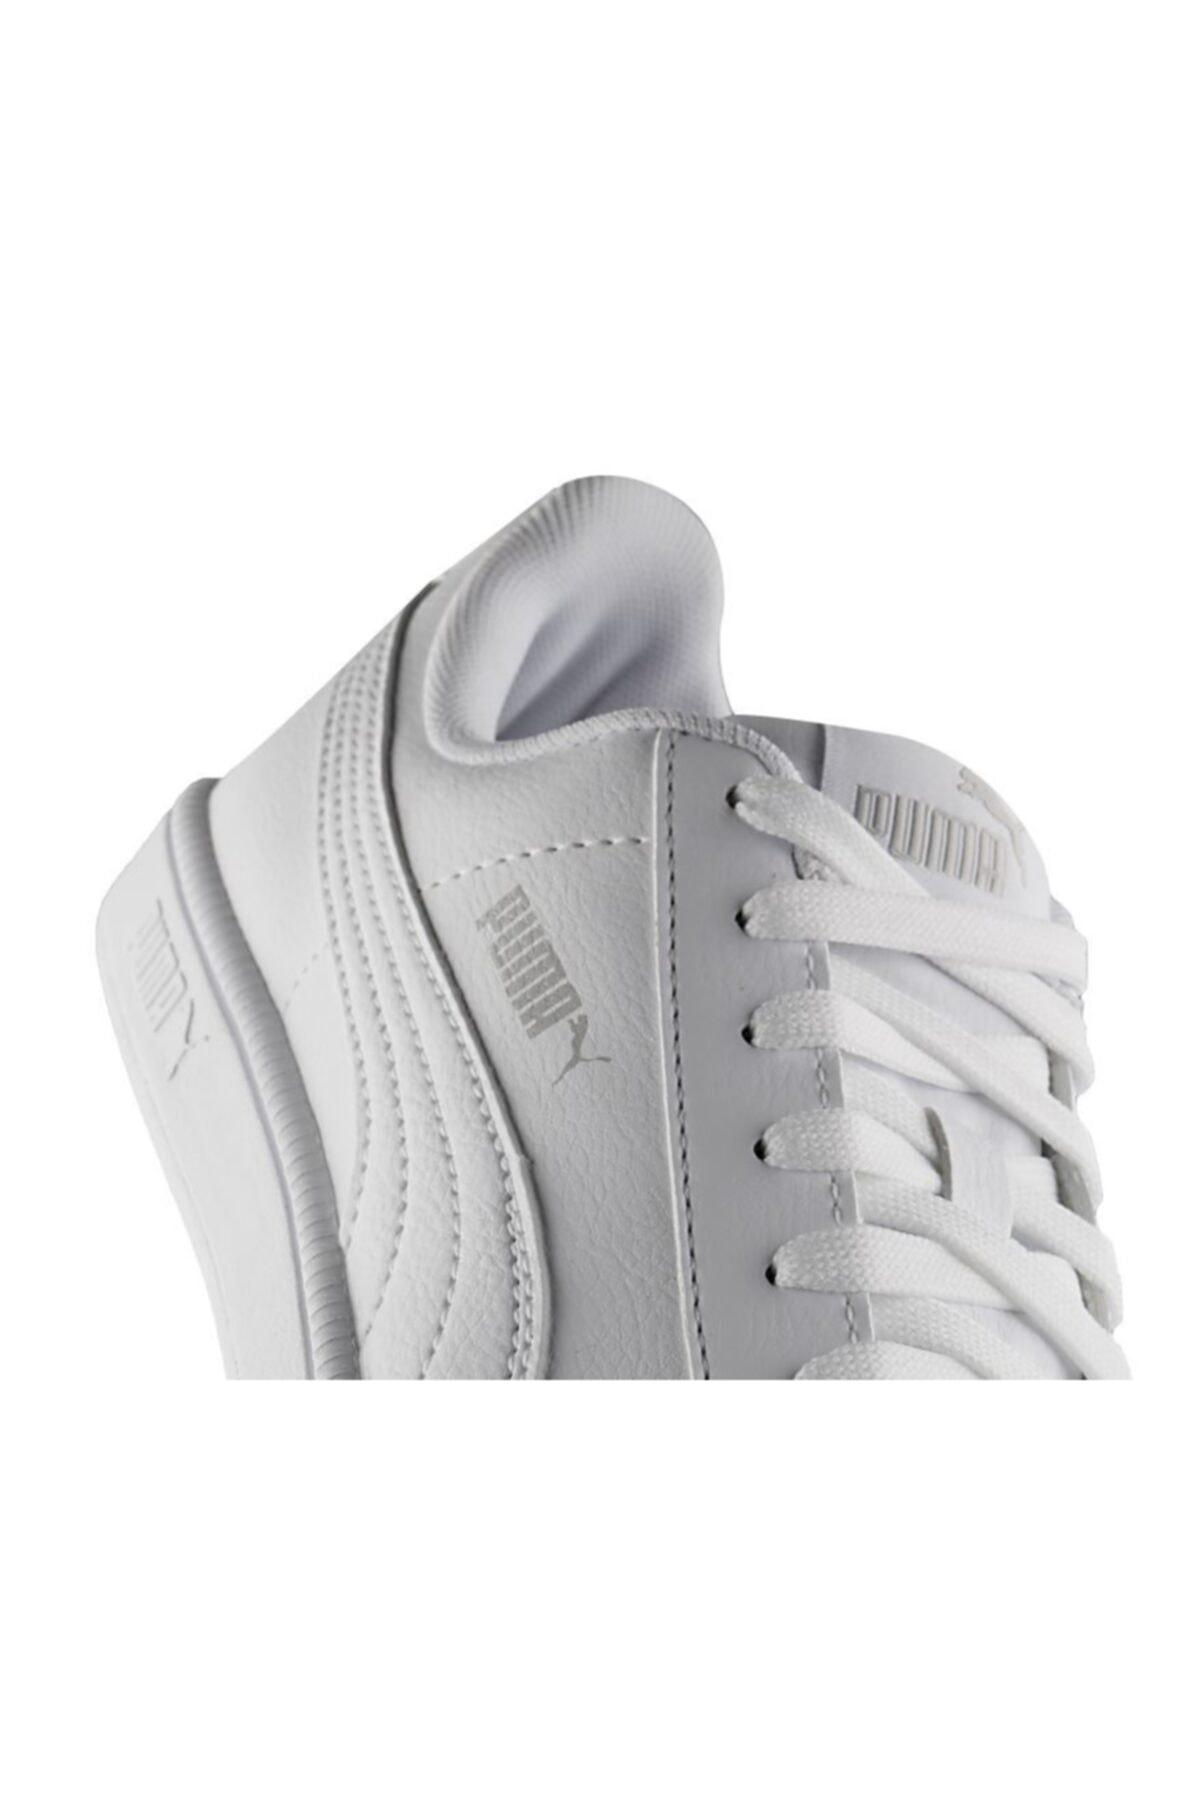 Puma Ayakkabı Up 37260505 2